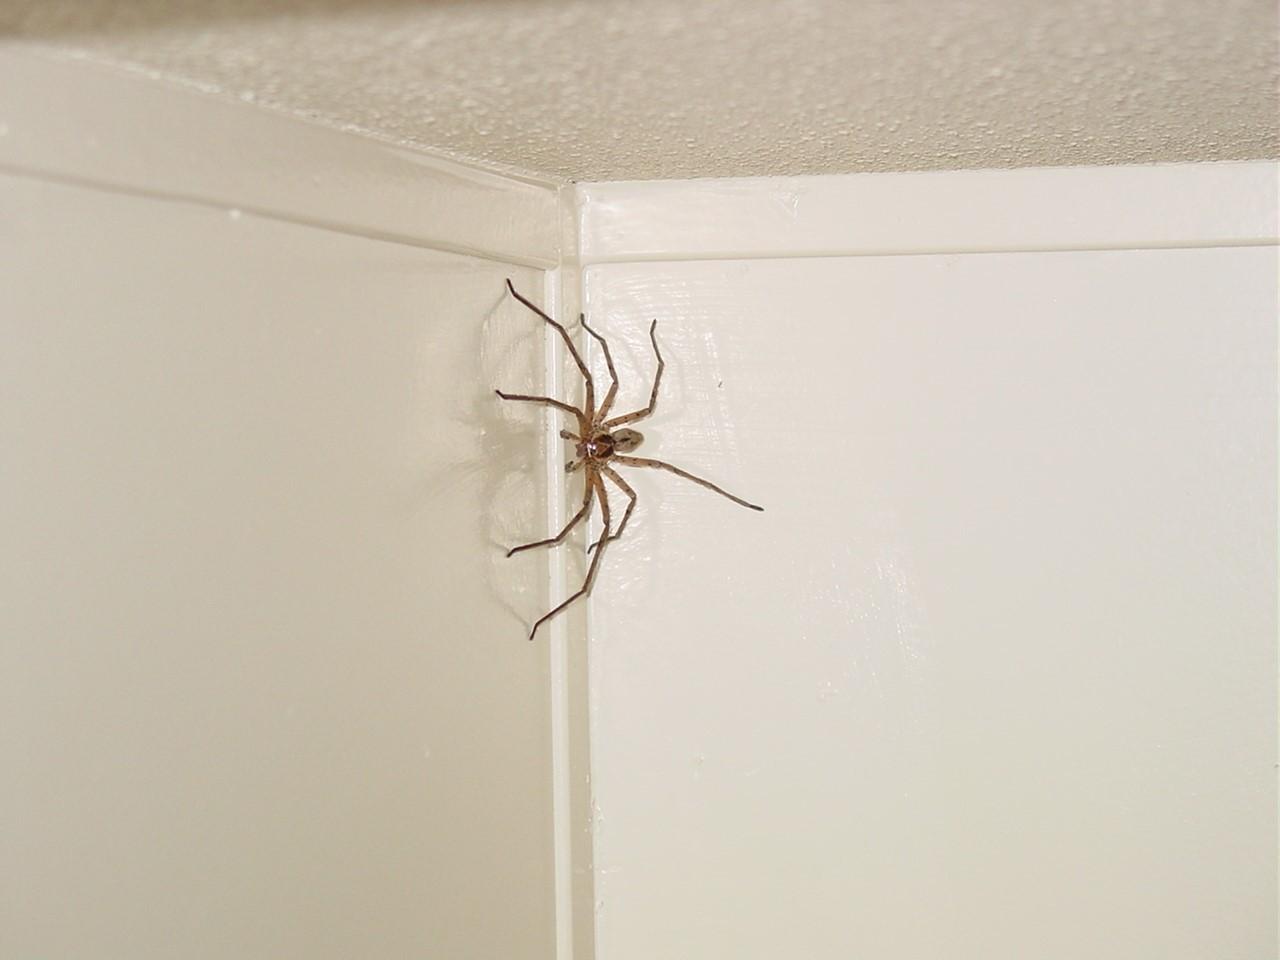 К чему в квартире много пауков